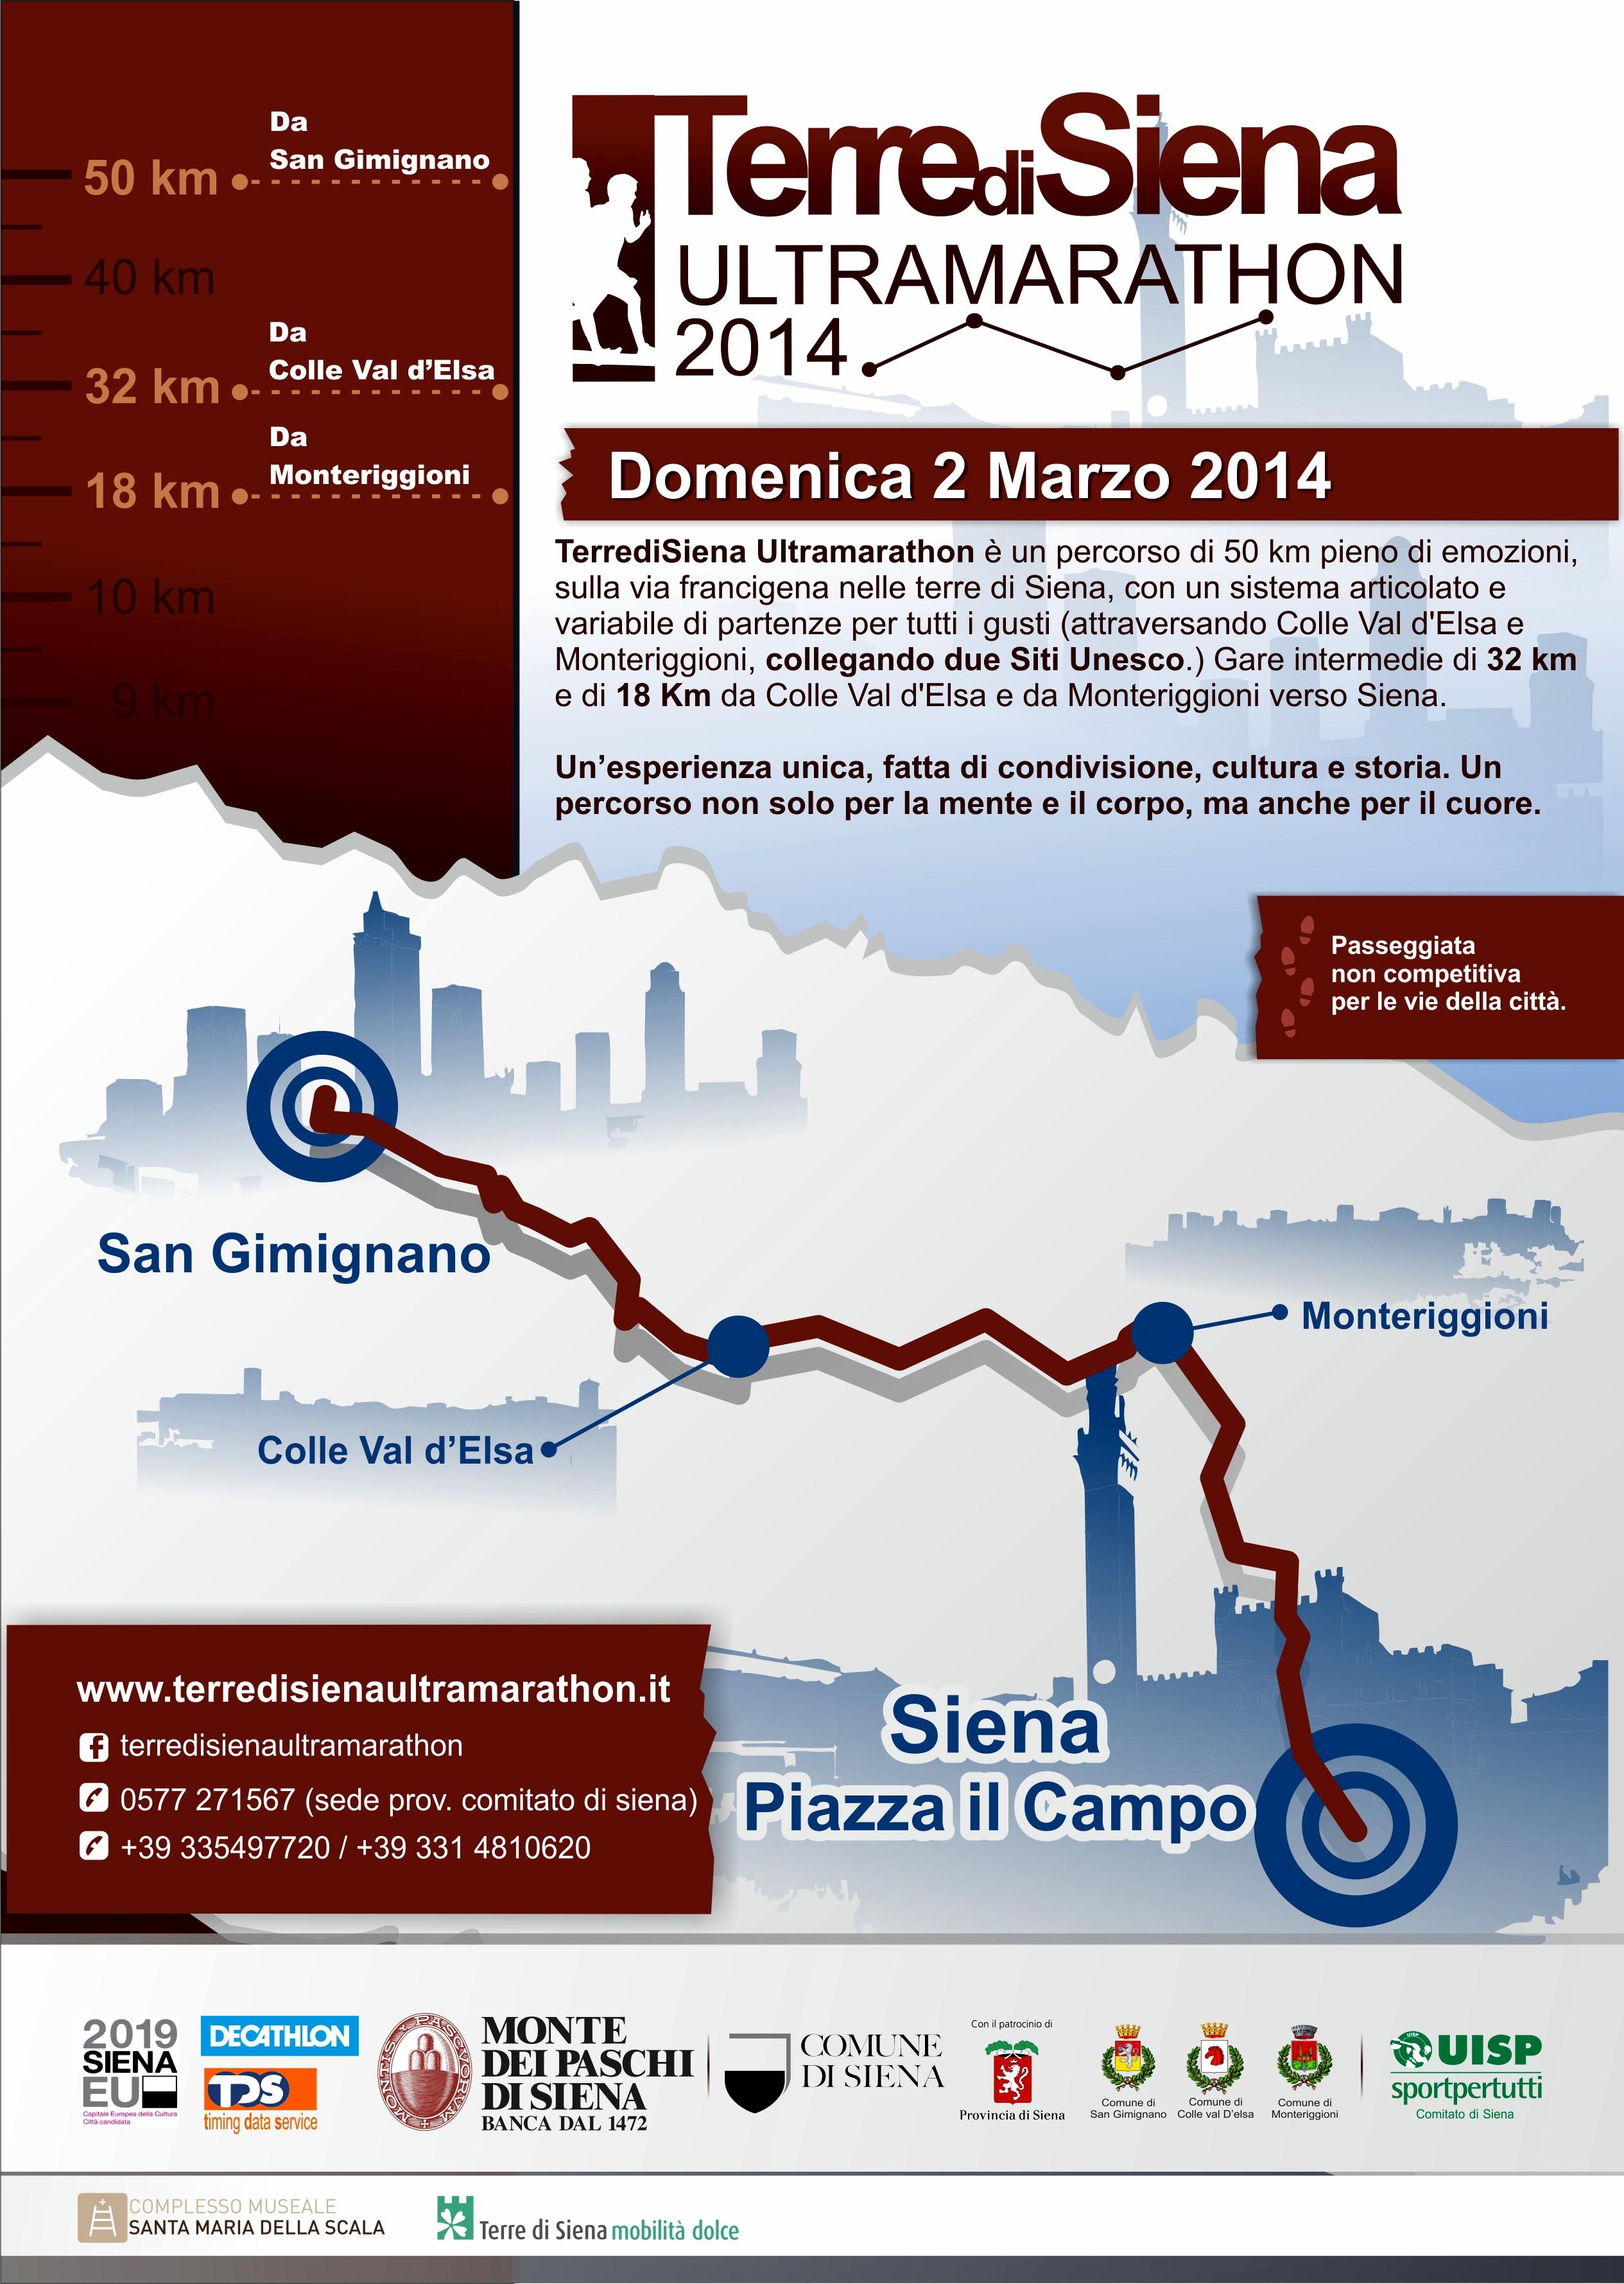 Terre di Siena Ultramarathon Volantino_terre_di_siena_ultramarathon_fronte